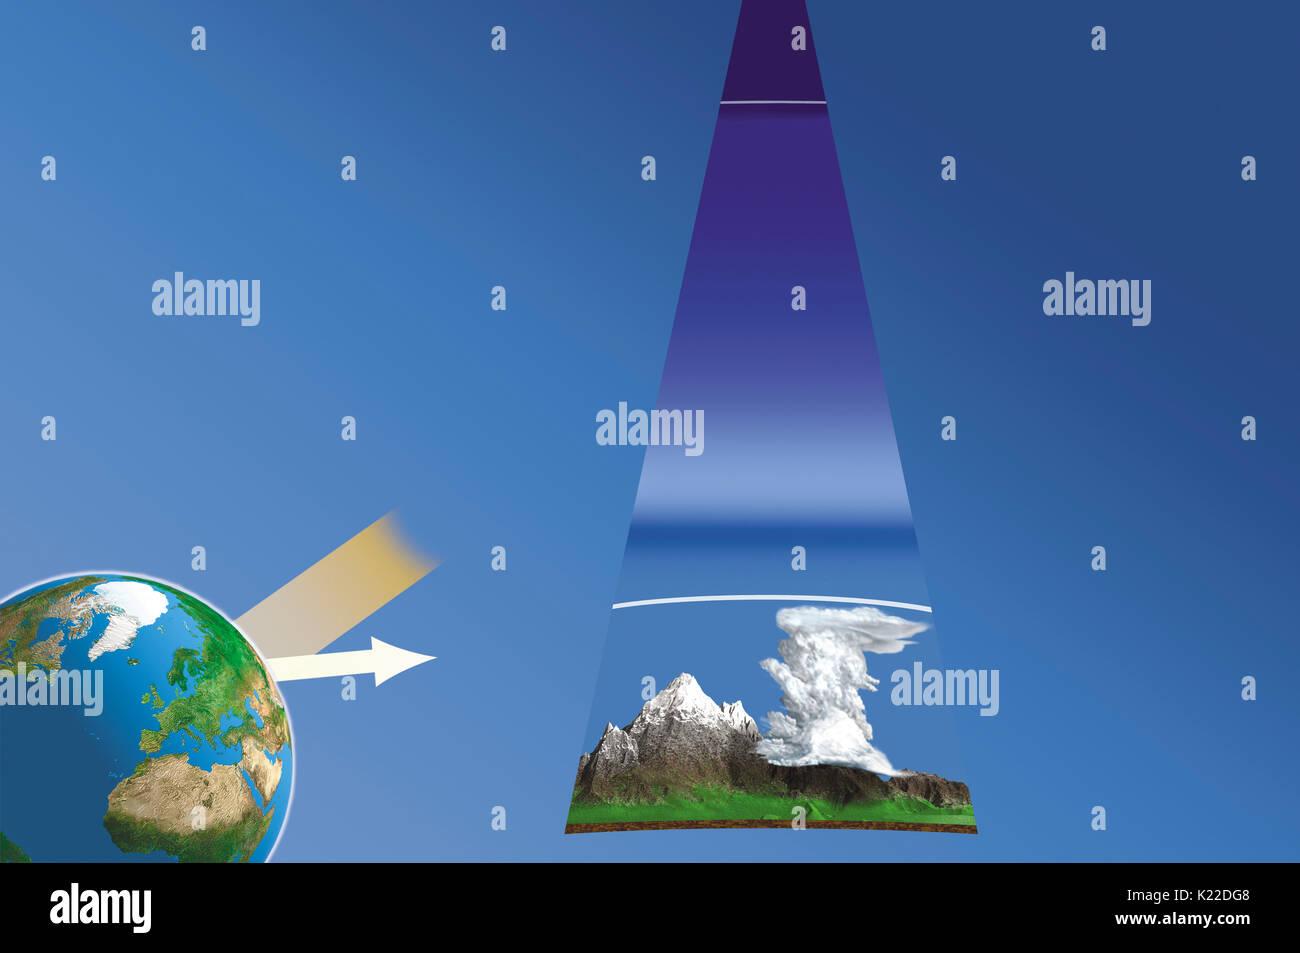 La atmósfera de la tierra está compuesta de capas. Los más bajos (en la troposfera, la estratosfera, la mesosfera) tienen una composición relativamente homogéneo, pero las temperaturas varían ampliamente. En la termosfera (de 80 a 500 km de altitud), la temperatura aumenta considerablemente, ya que esta capa absorbe la radiación solar considerable. Arriba es la exosfera, una zona donde las pocas moléculas de aire escape de la gravedad terrestre. Imagen De Stock